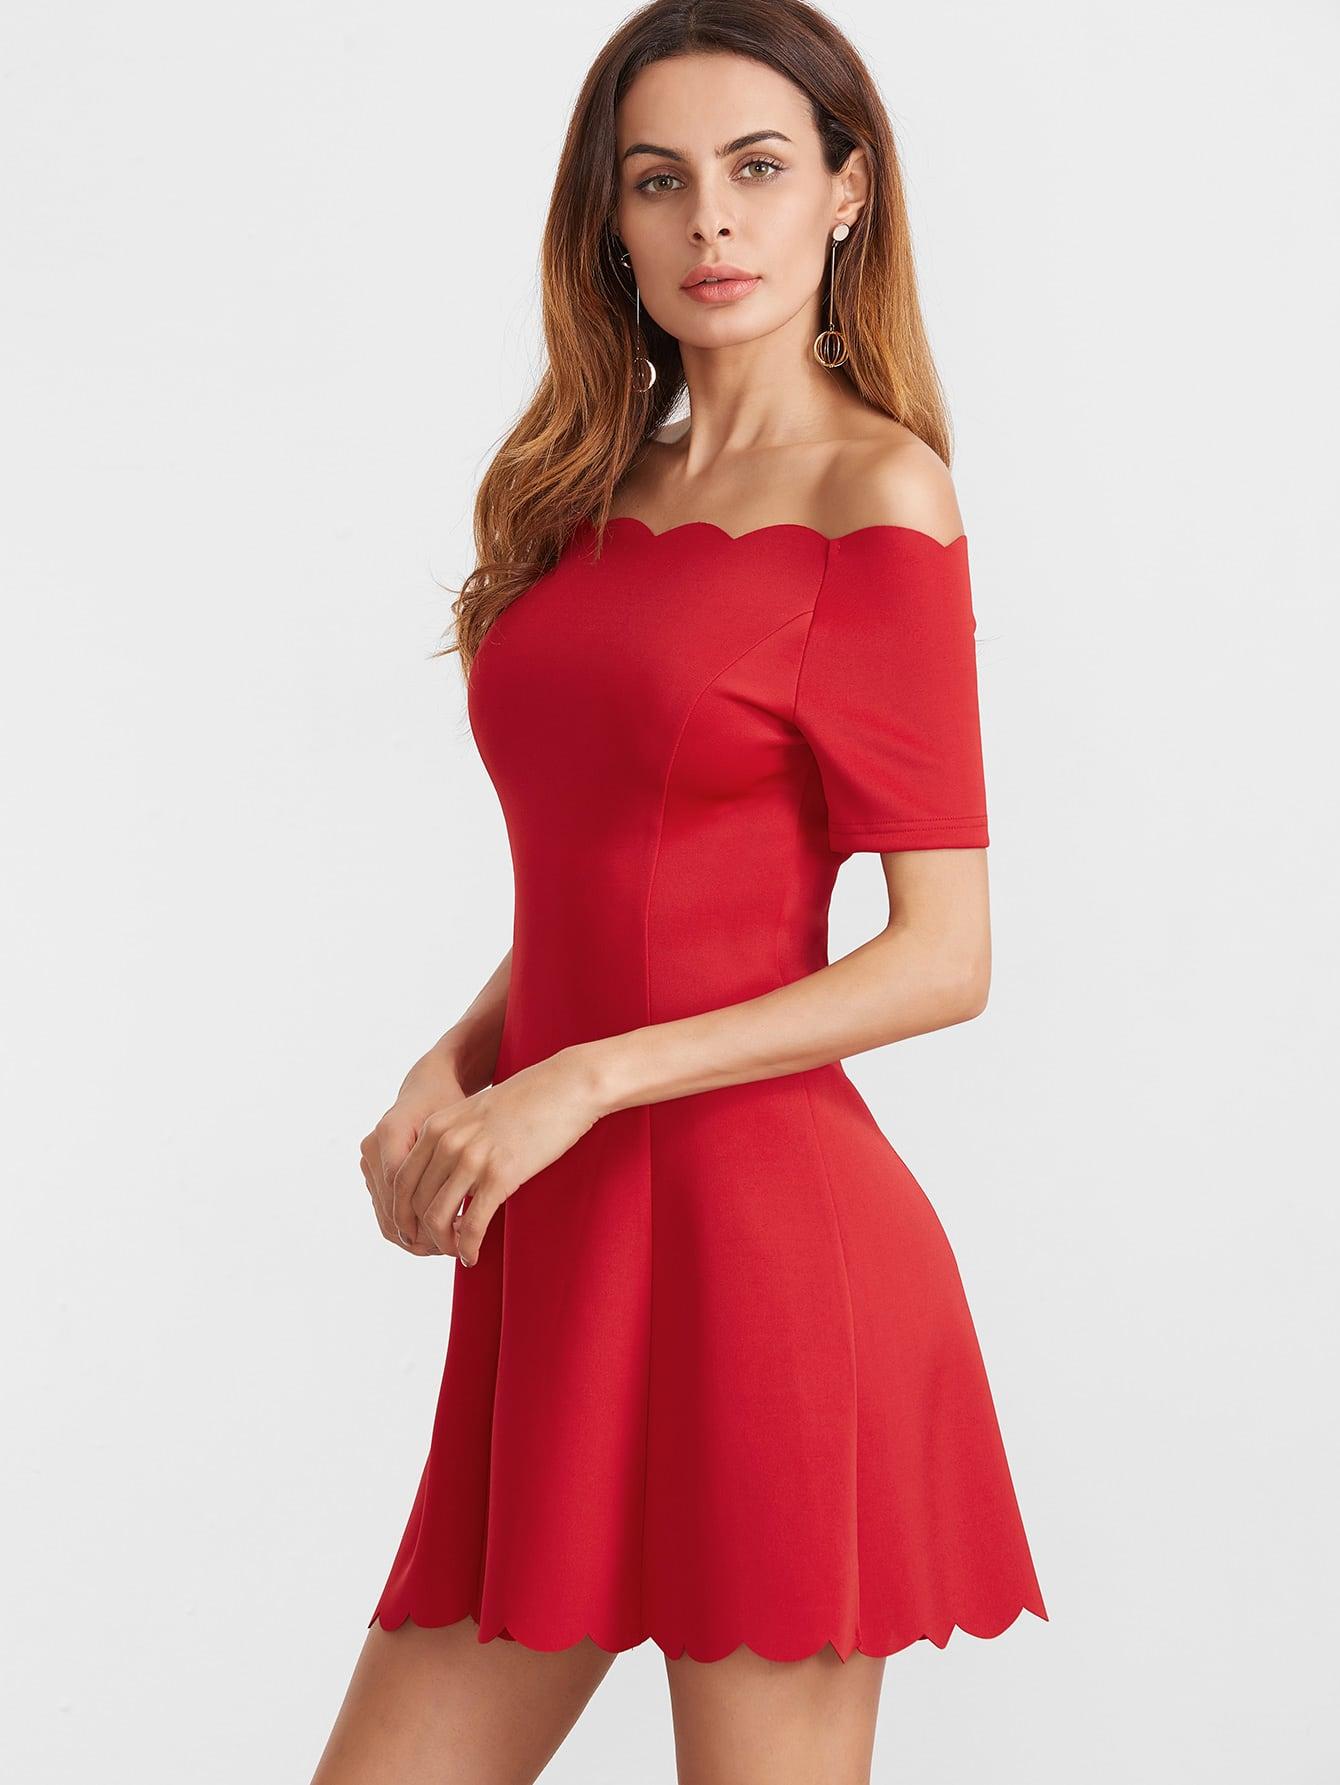 dress161226716_2